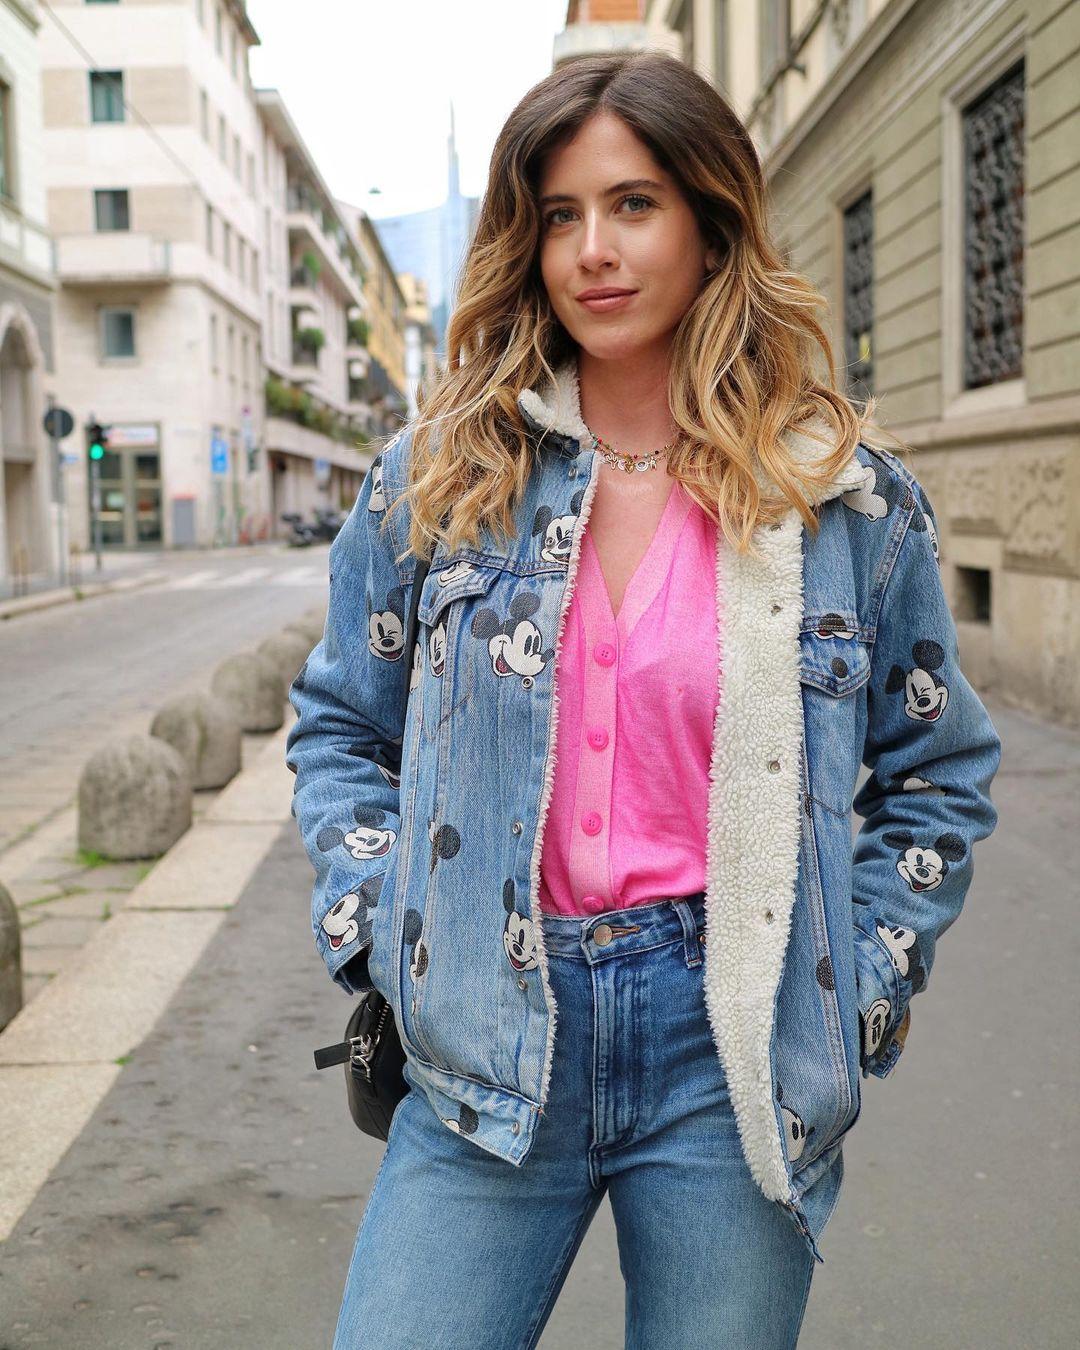 Francesca-Ferragni-Wallpapers-Insta-Fit-Bio-4